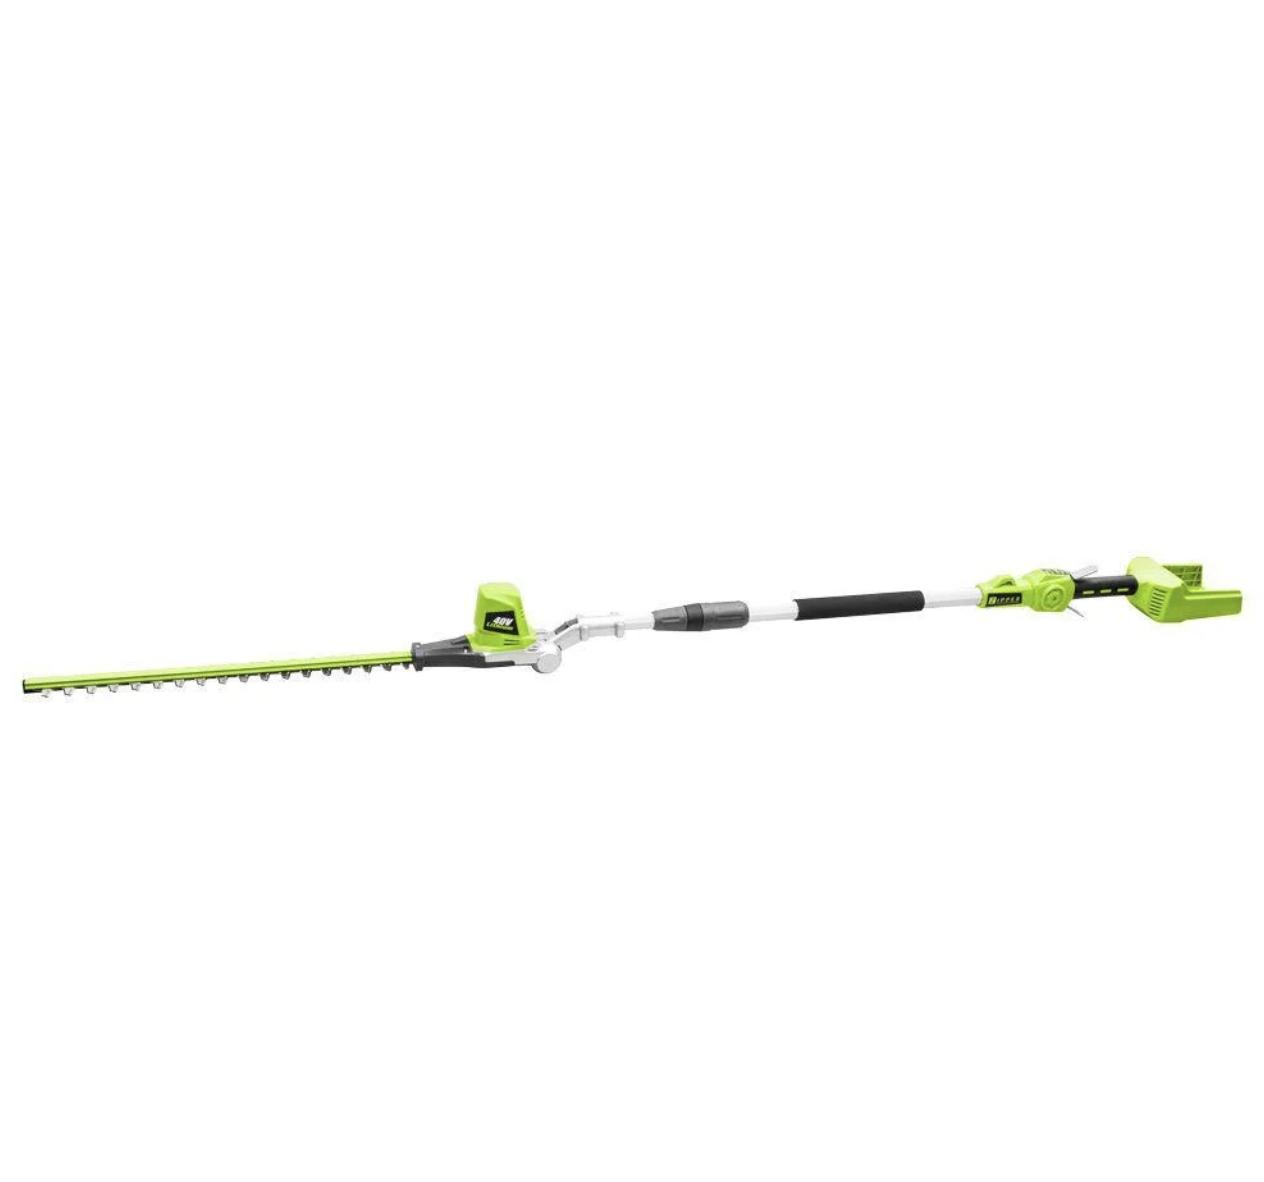 Аккумуляторный кусторез Zipper ZI-HST40V-AKKU